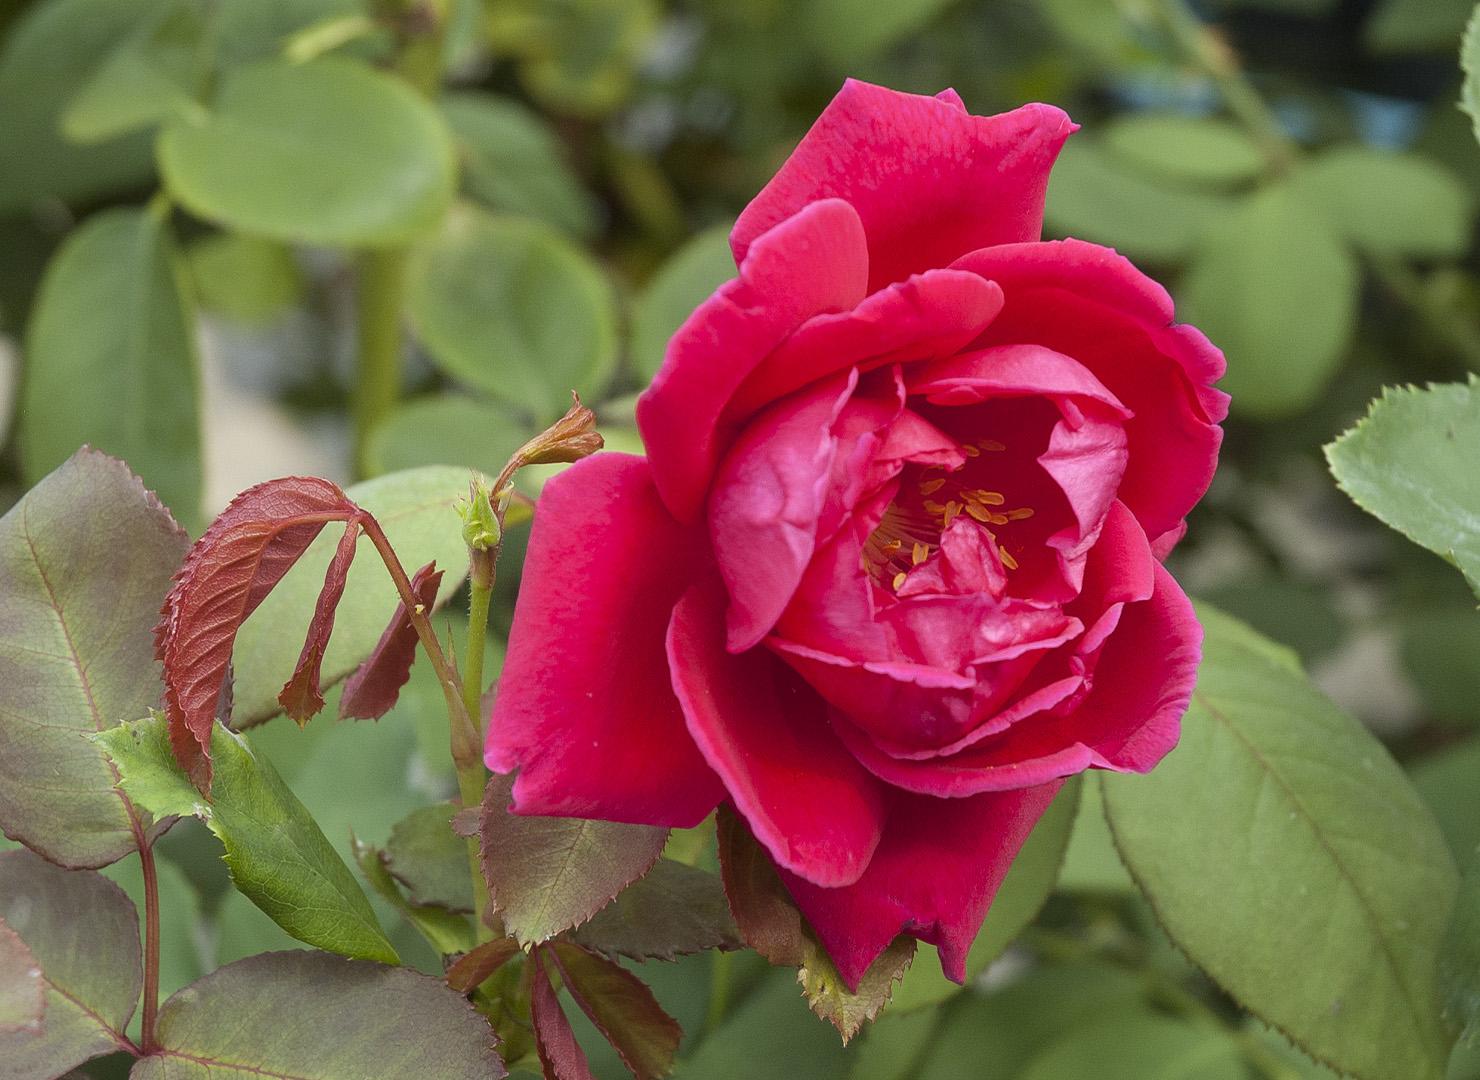 ナショナル フラワー ギルド - National Flower Guild